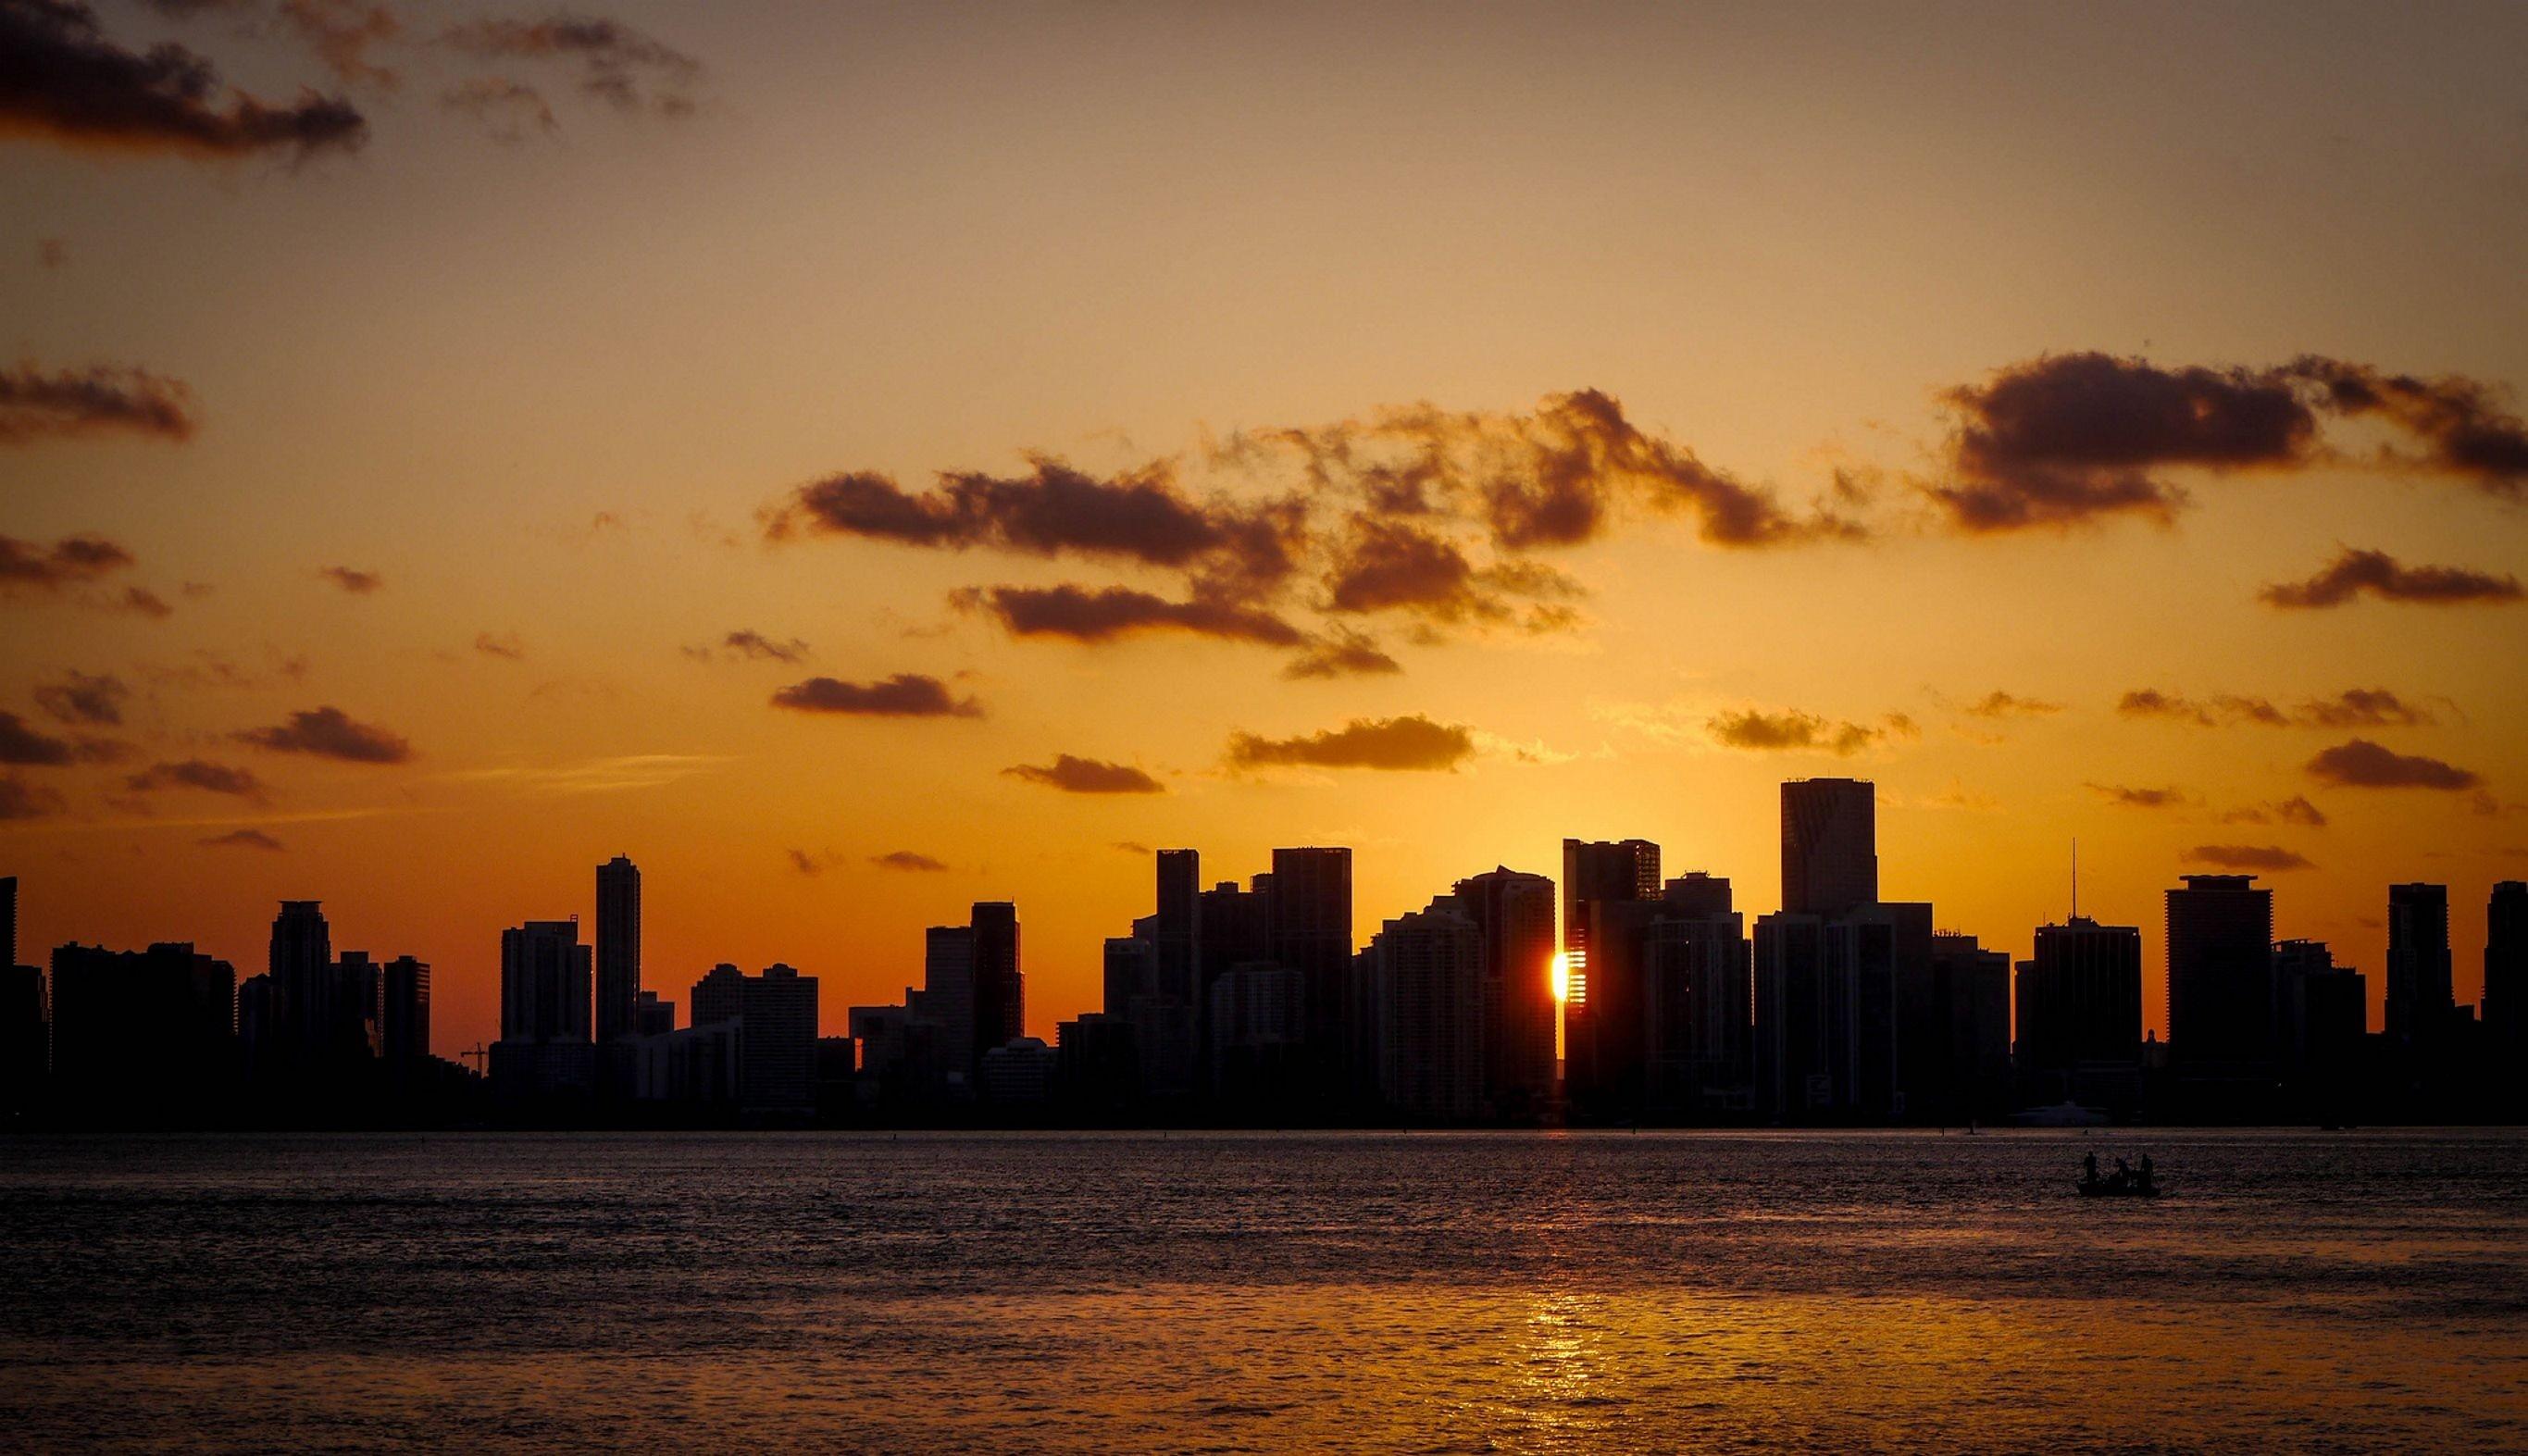 horizon silhouette cloud sun sunrise sunset skyline morning dawn city  cityscape dusk evening peaceful cloudscape miami